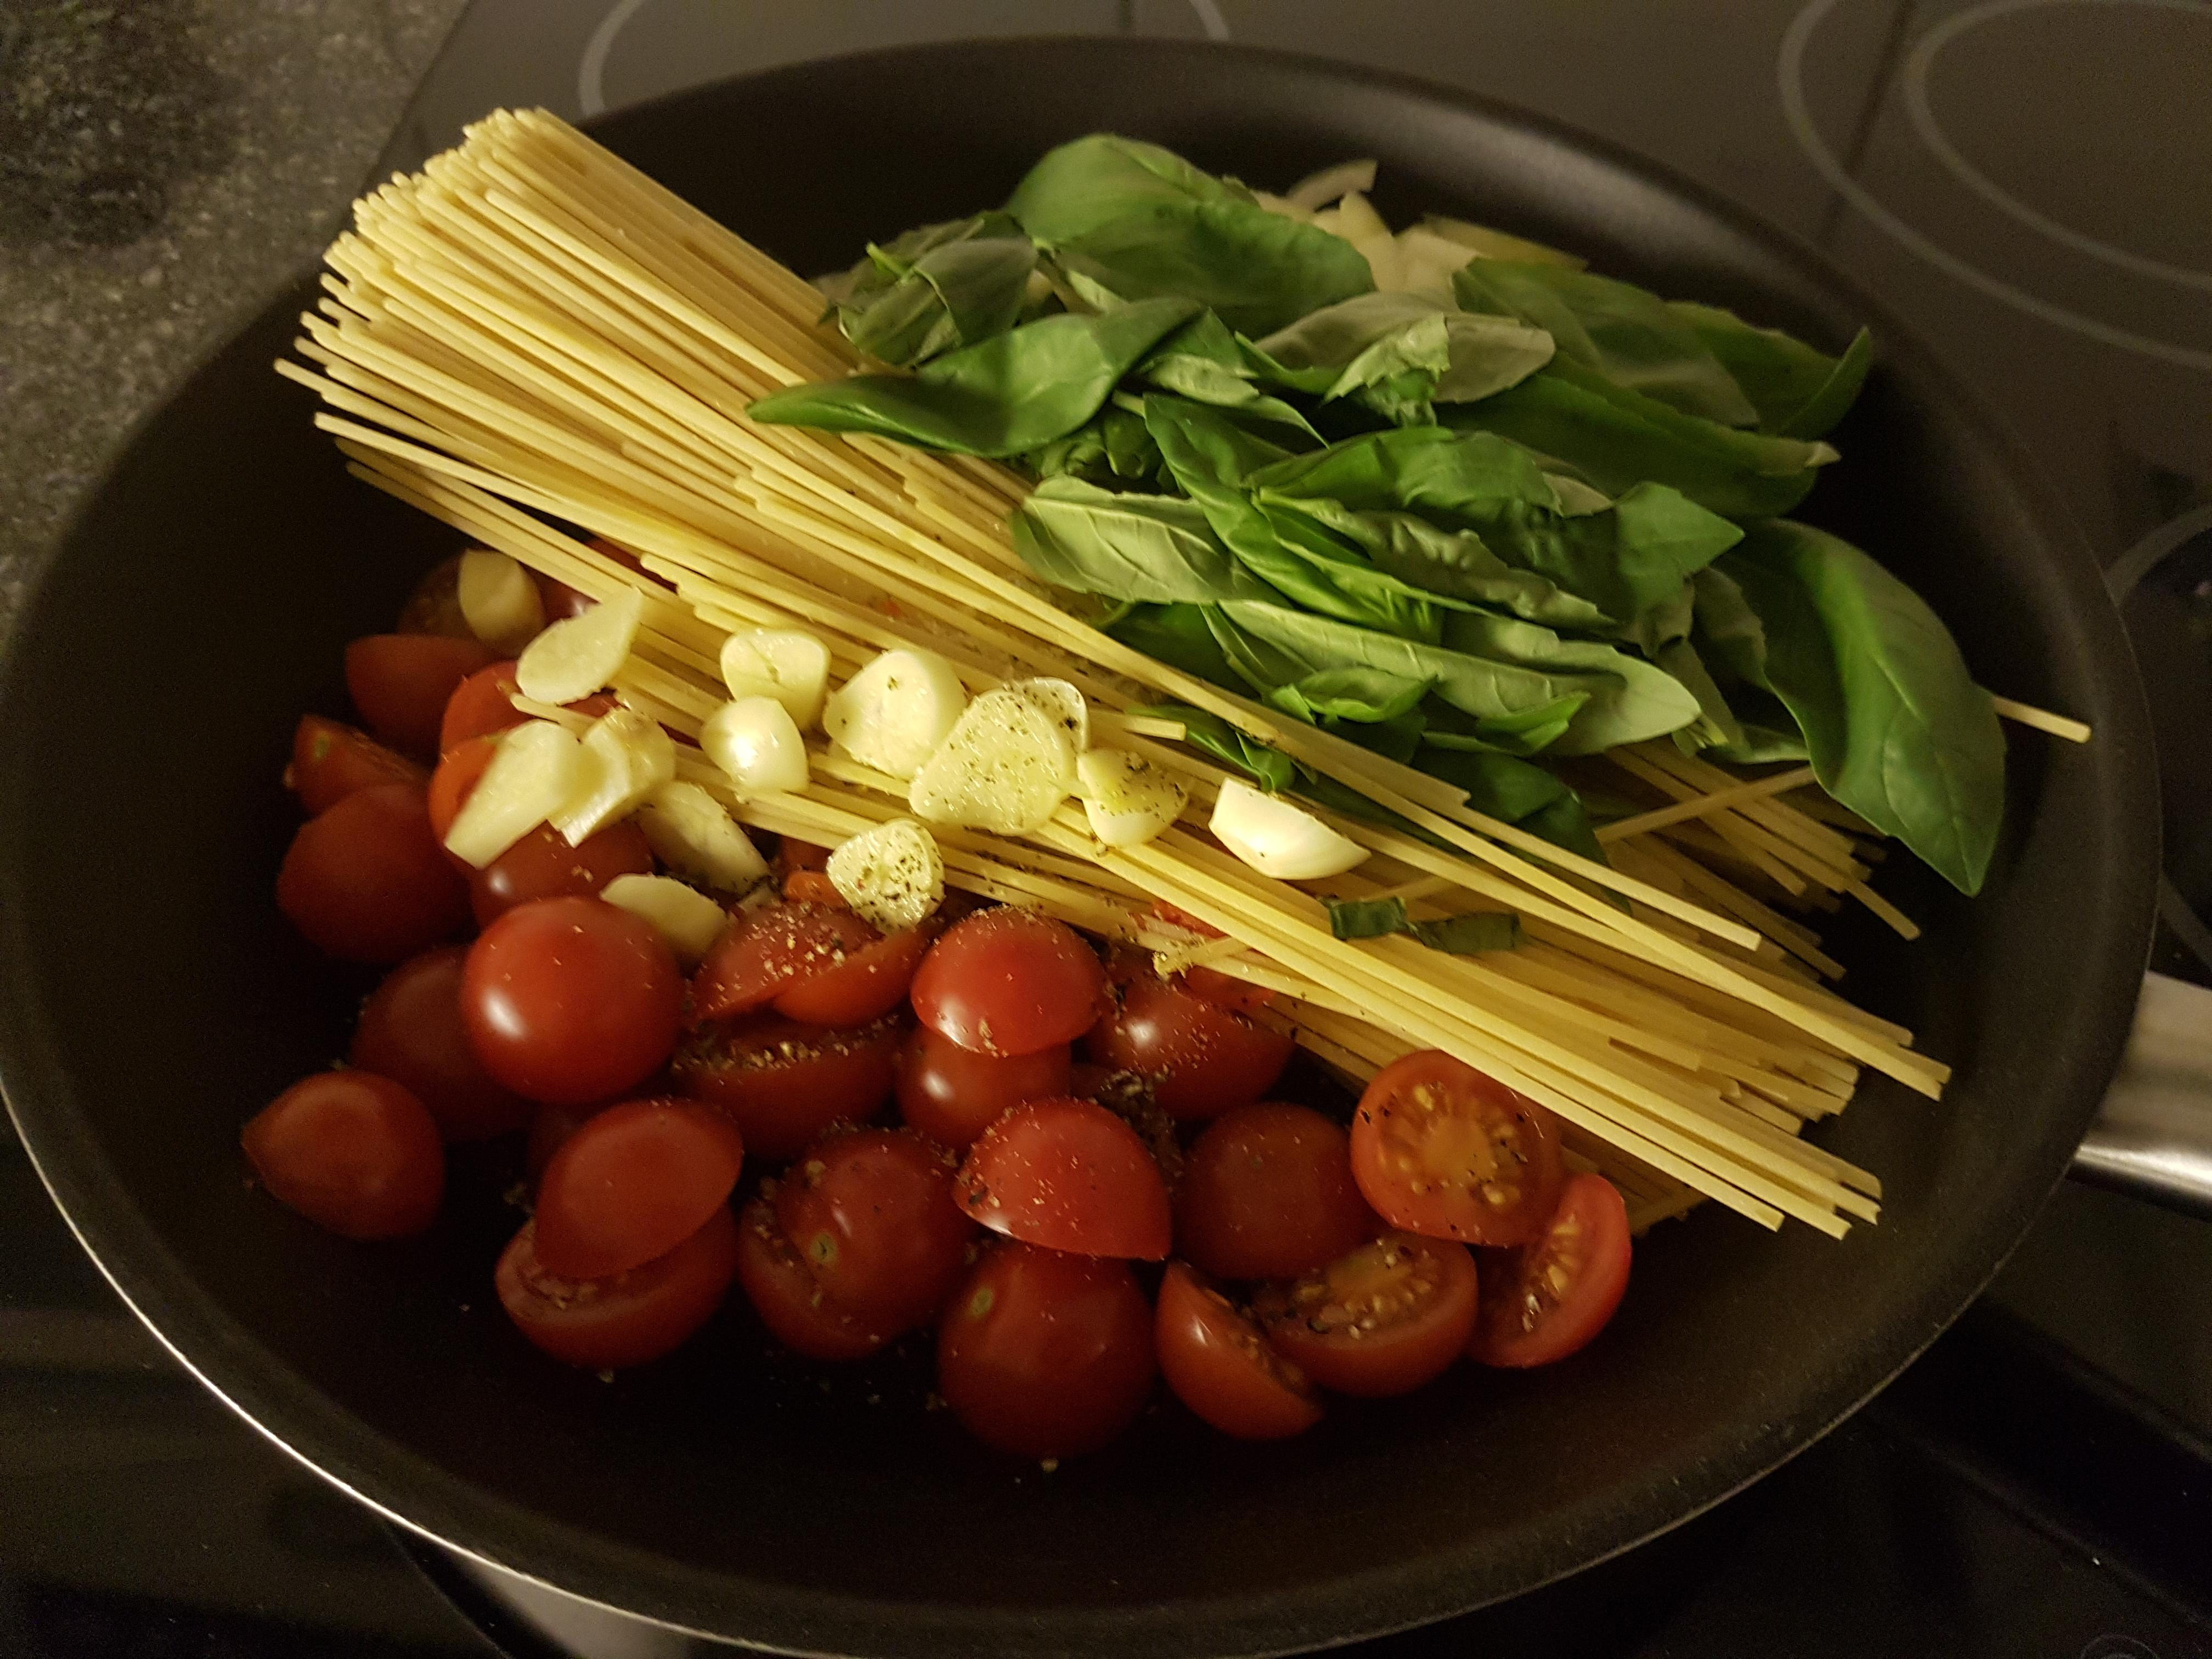 http://foodloader.net/xSh_2017-12-23_Spaghetti_.jpg